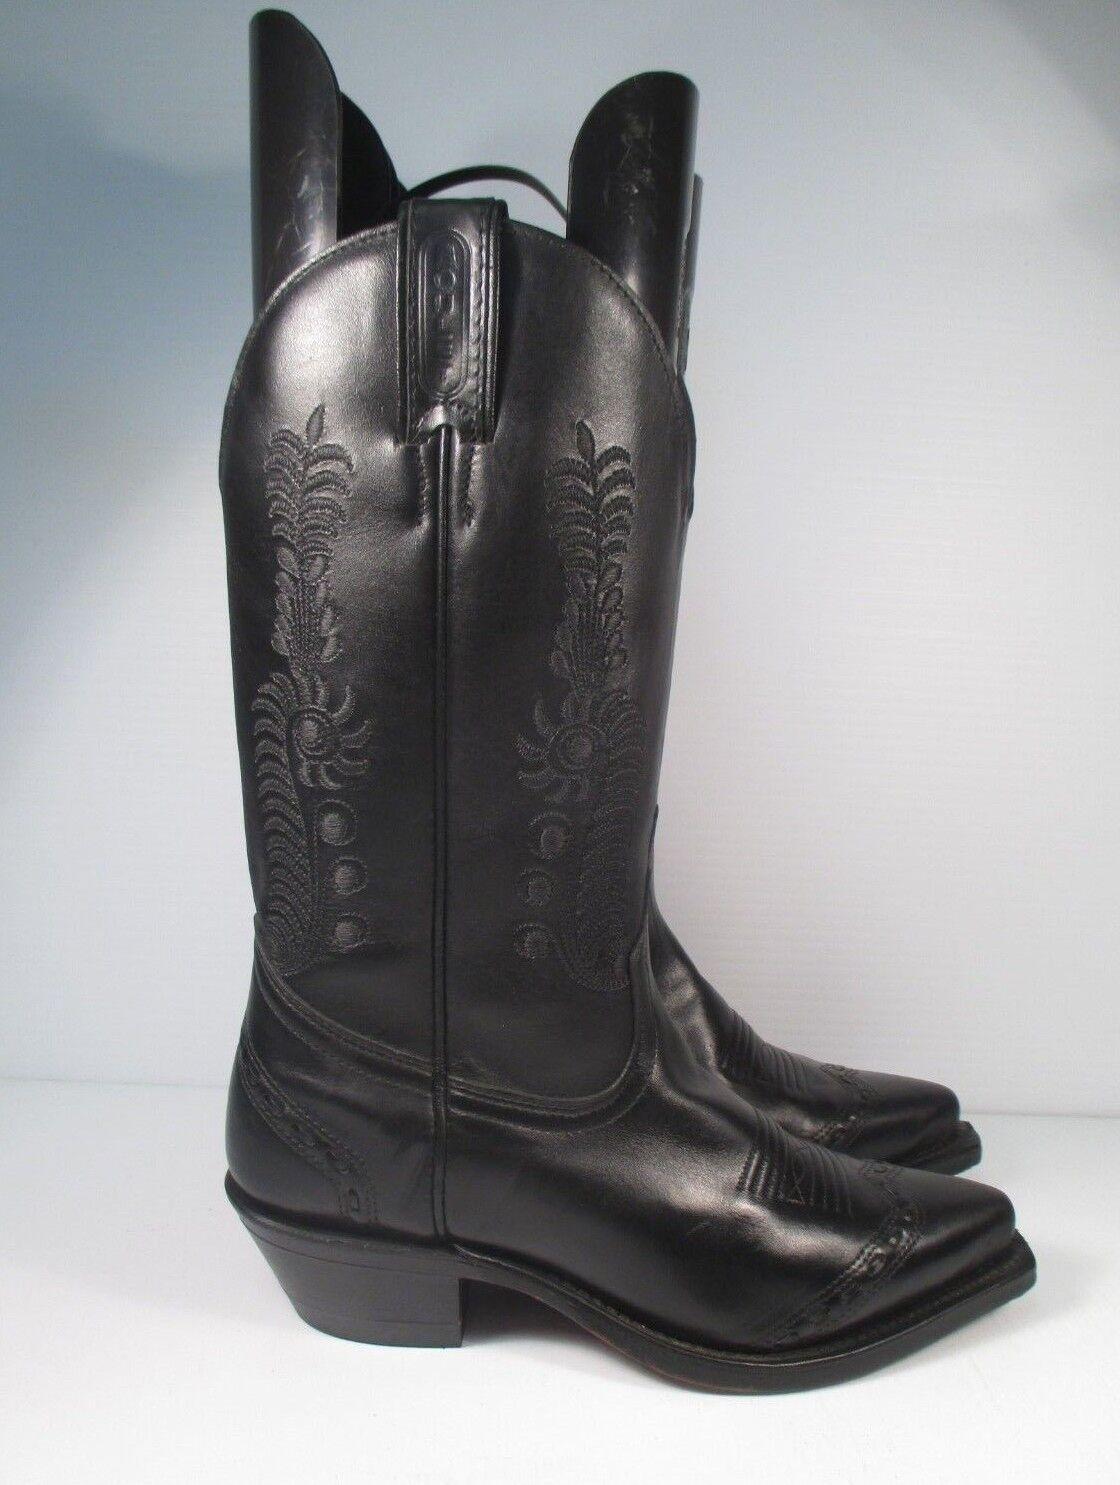 prezzi bassi Boulet nero Leather Donna  Cowgirl Cowgirl Cowgirl Western stivali  Dimensione 6.5 C     270.00 MSRP  goditi il 50% di sconto